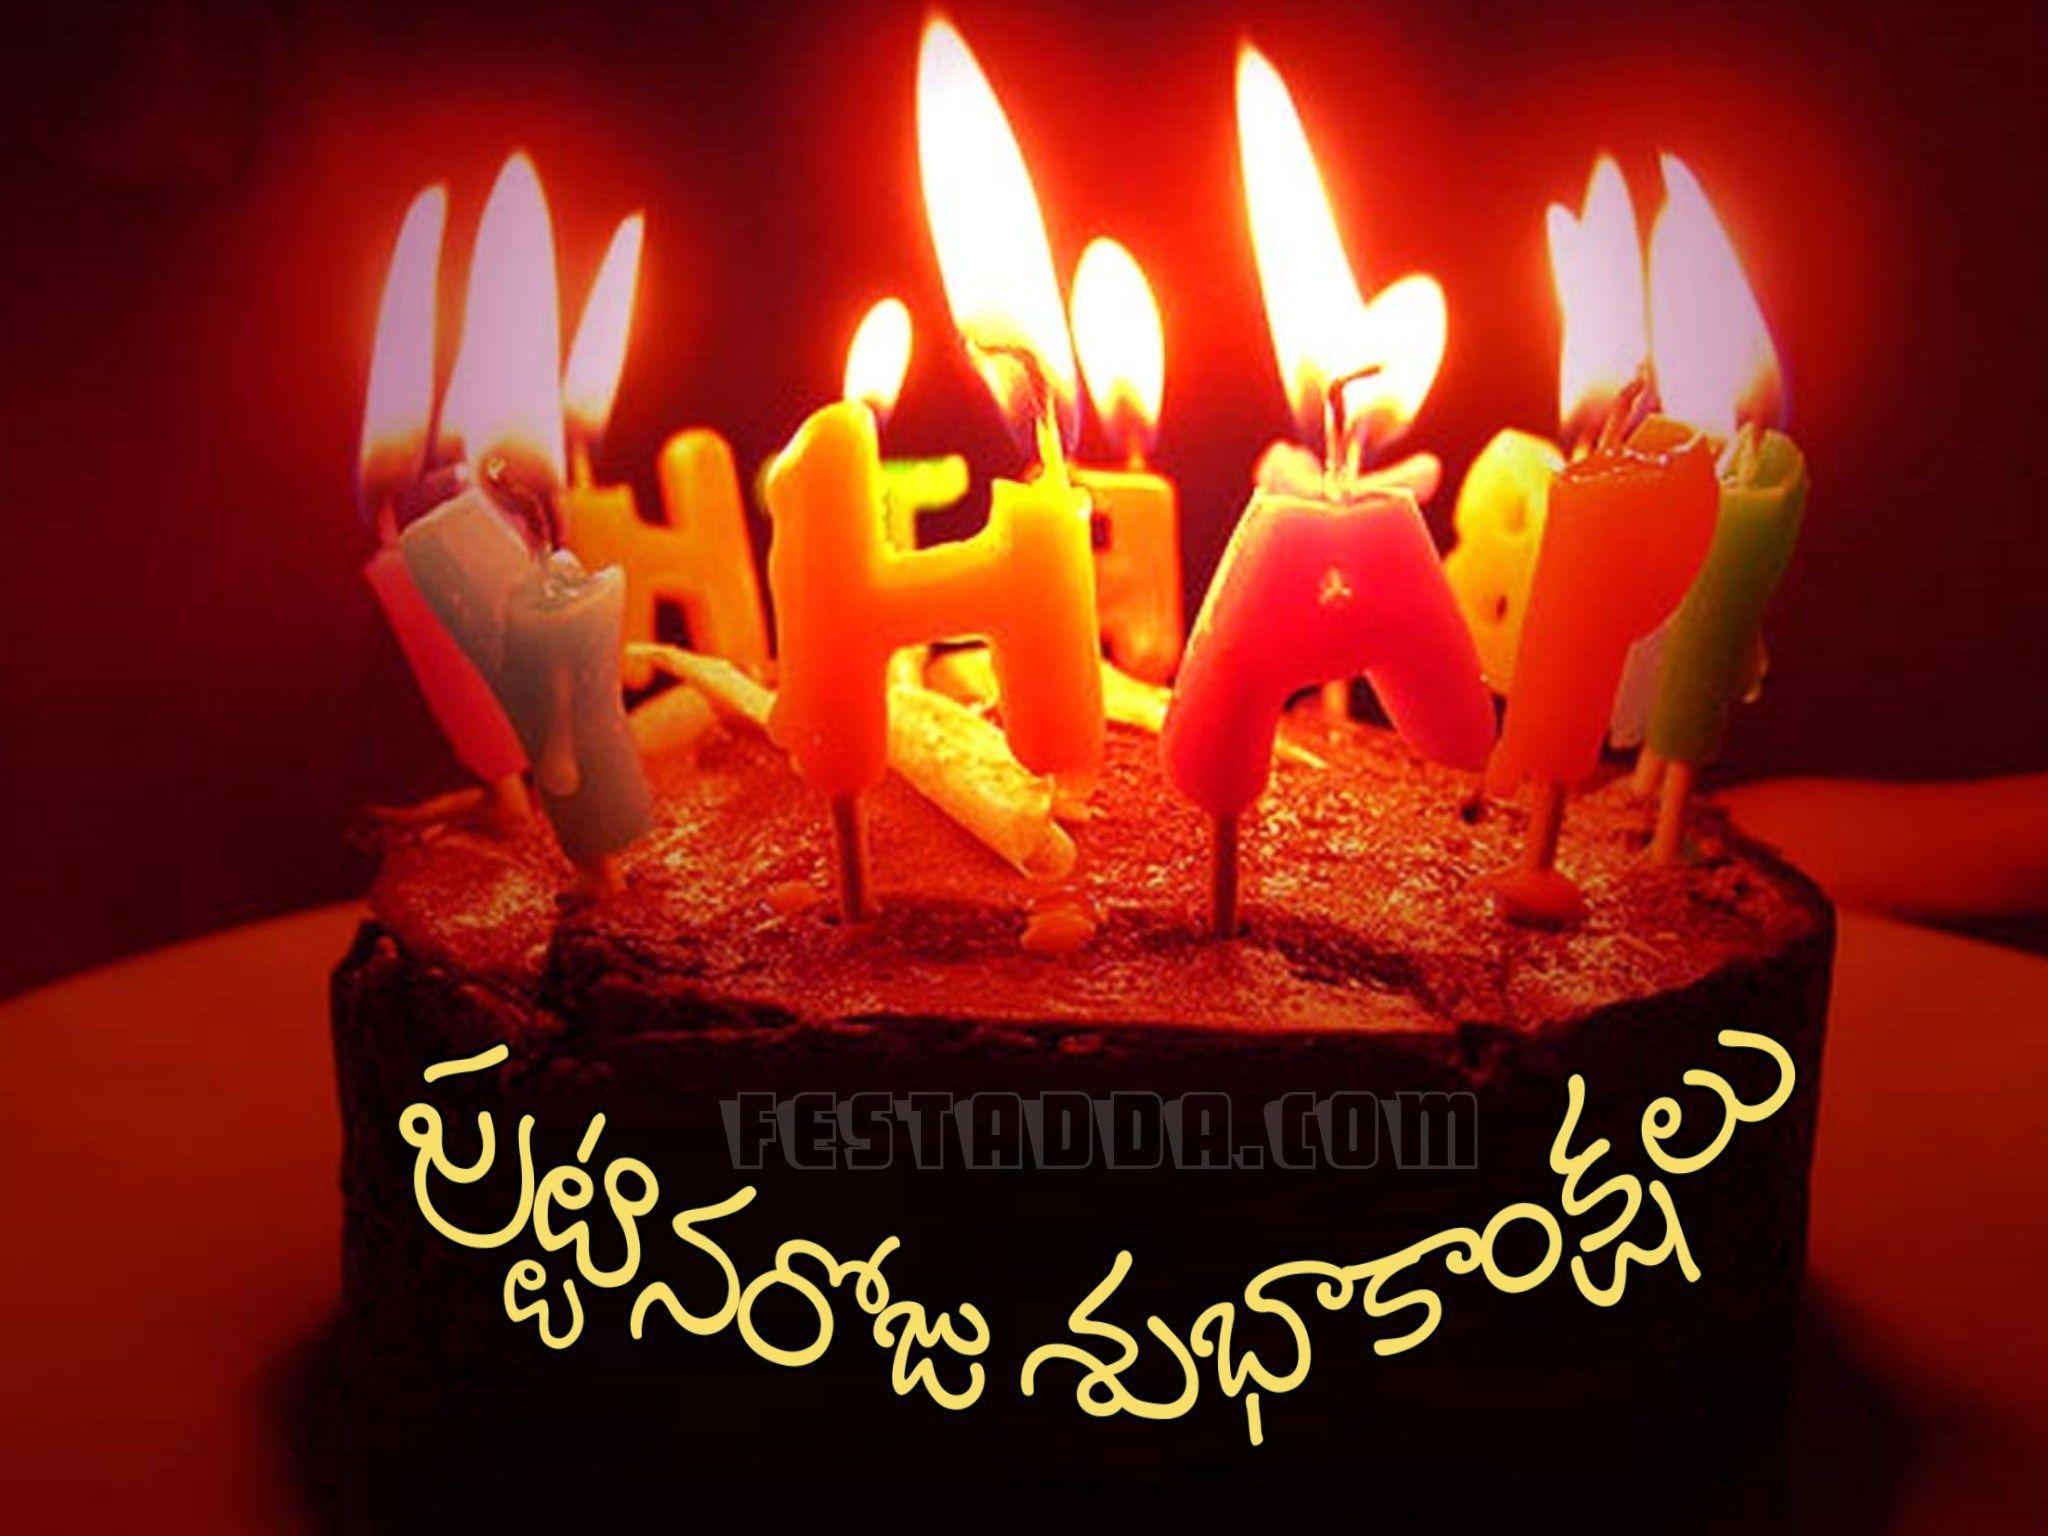 Happy Birthday Wishes In Telugu Font Janmadina Subakhanshalu